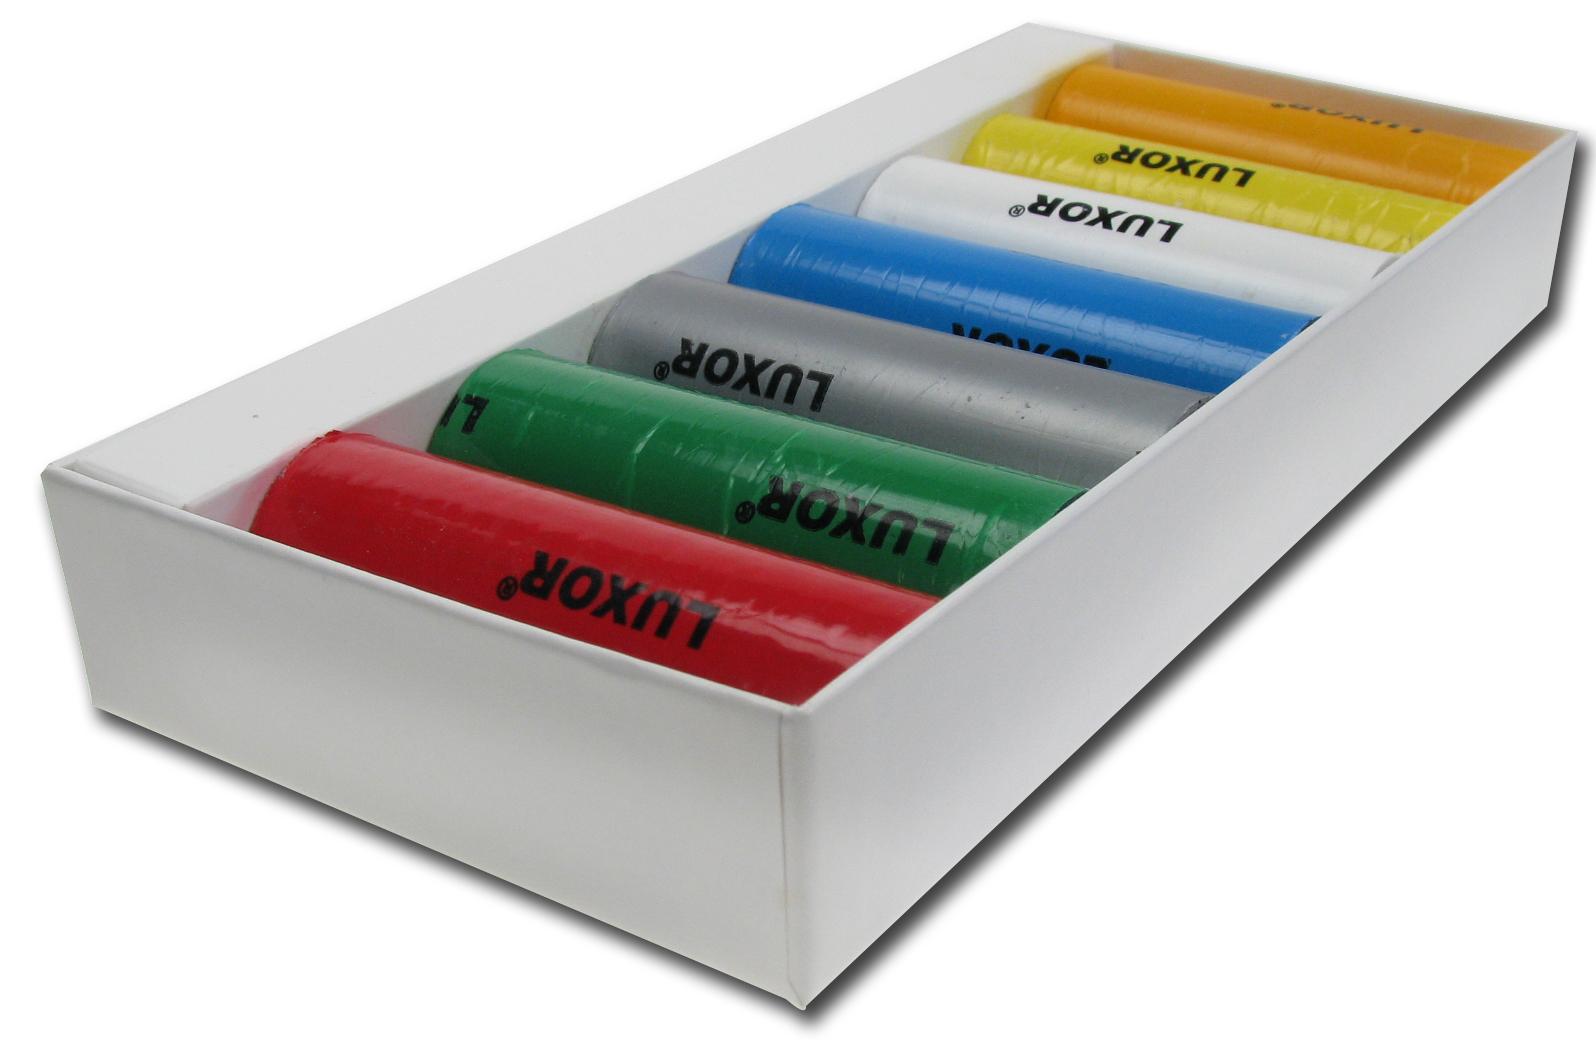 Luxbox, Luxor Polierpasten Set